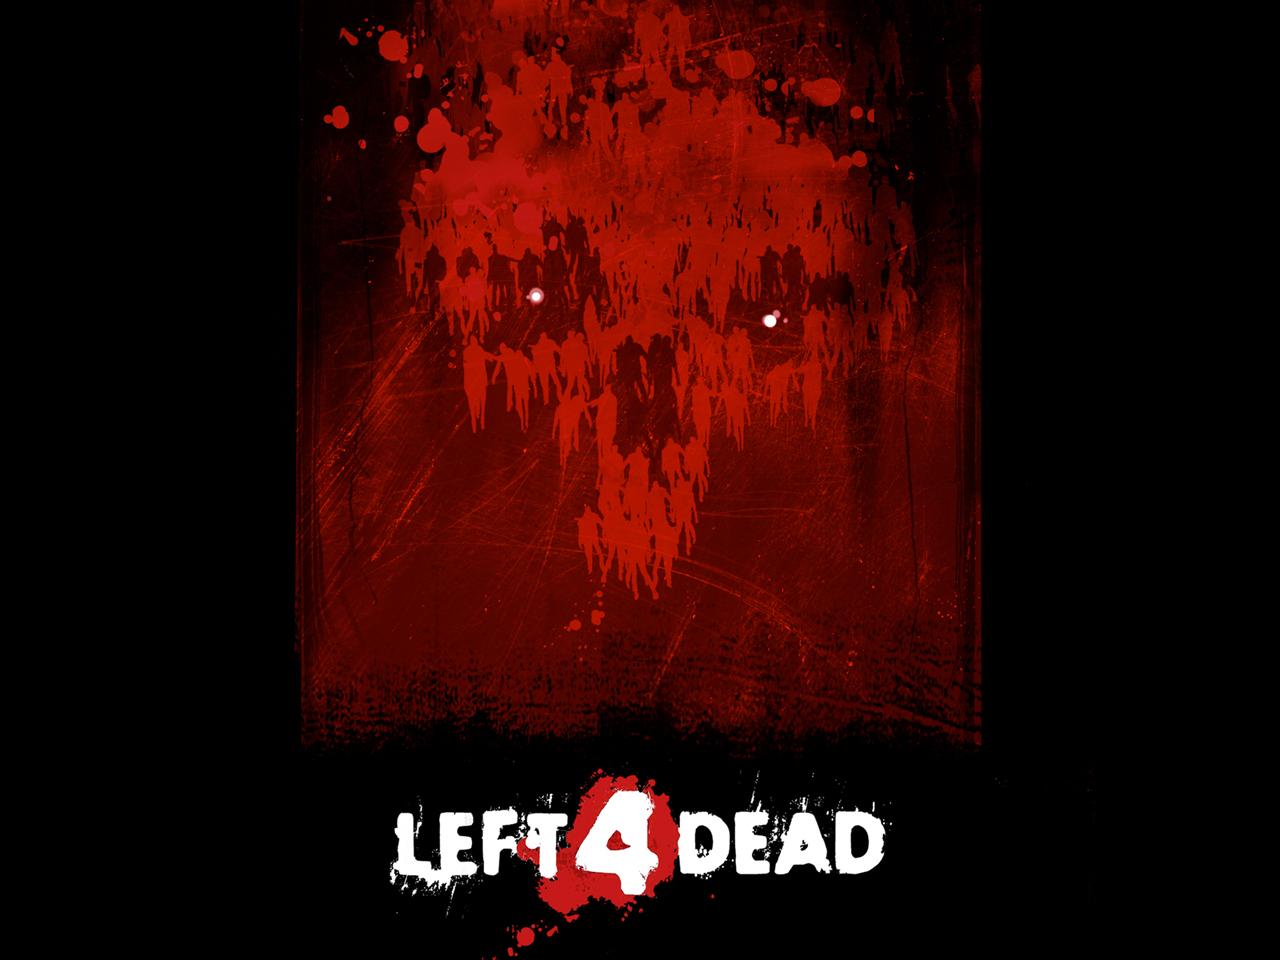 infected1280x960.jpg - Left 4 Dead